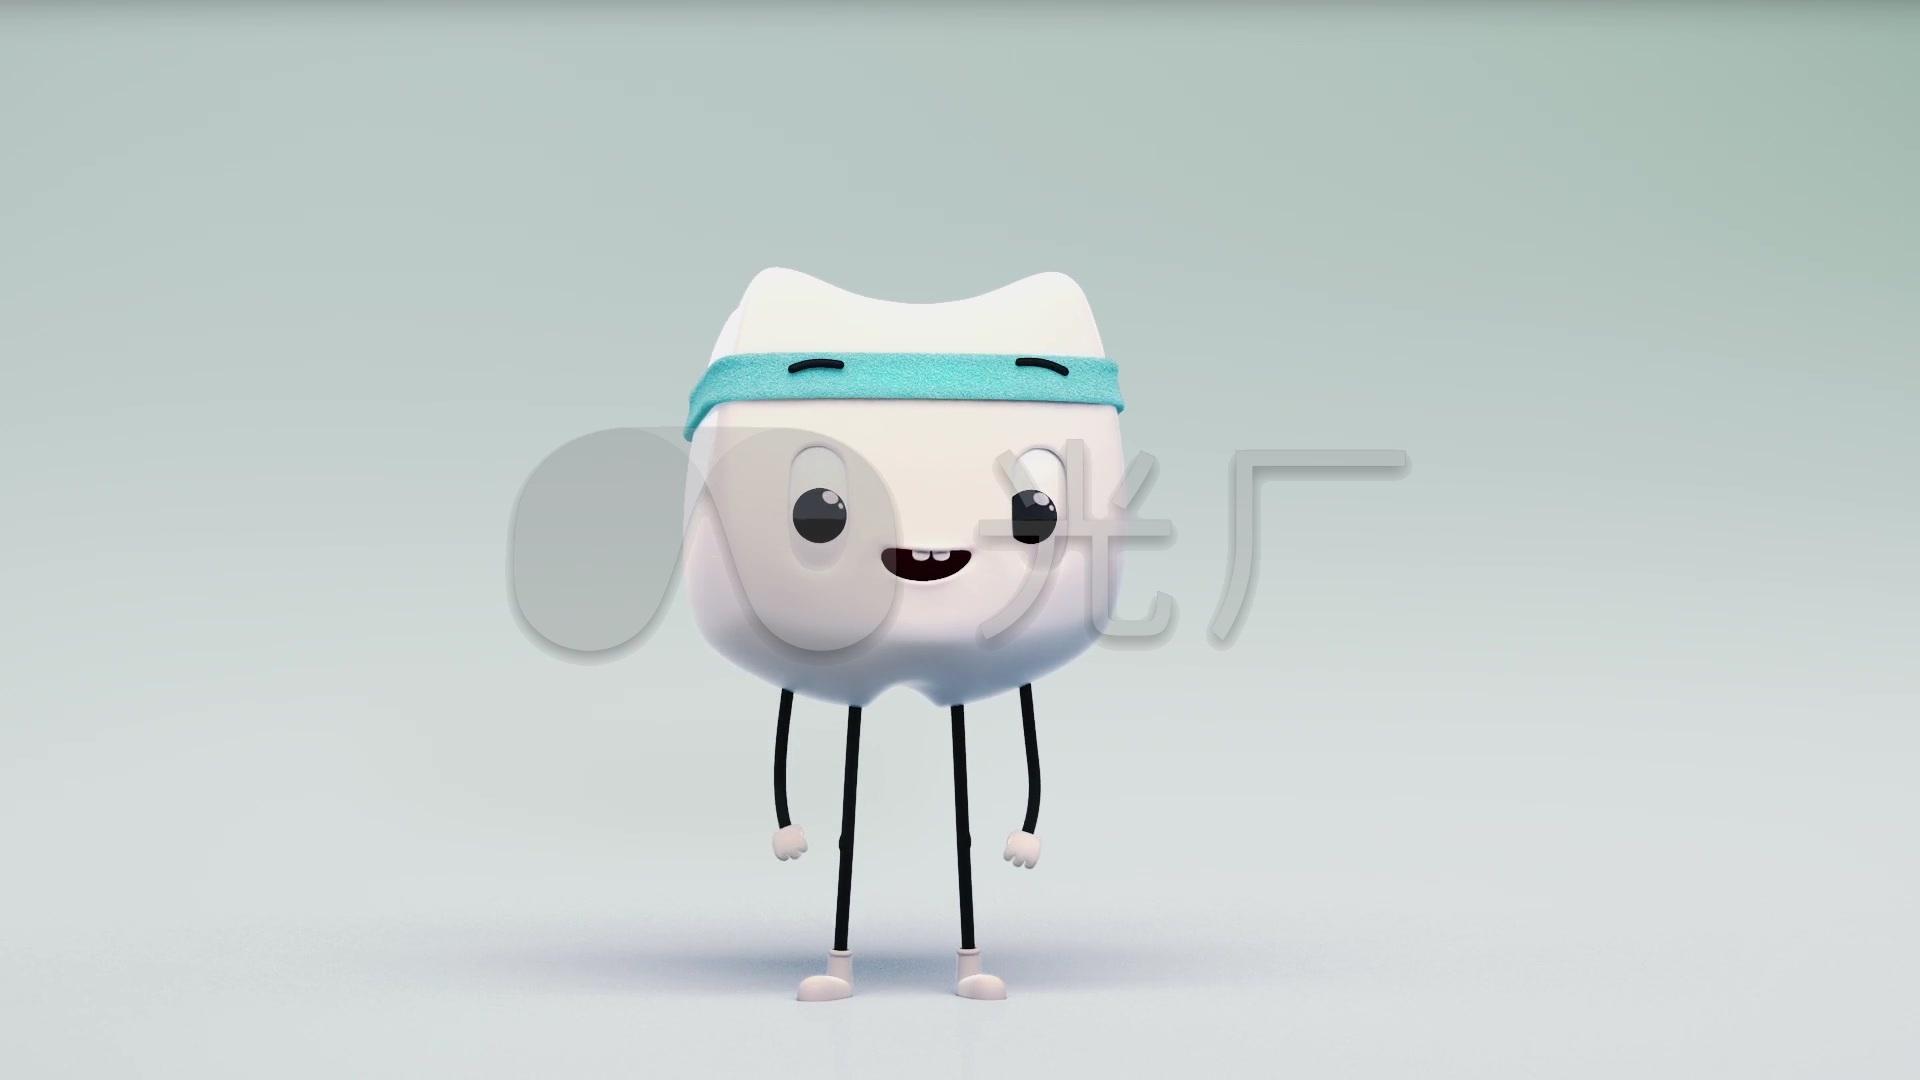 可爱卡通牙齿小人跑步机跑步